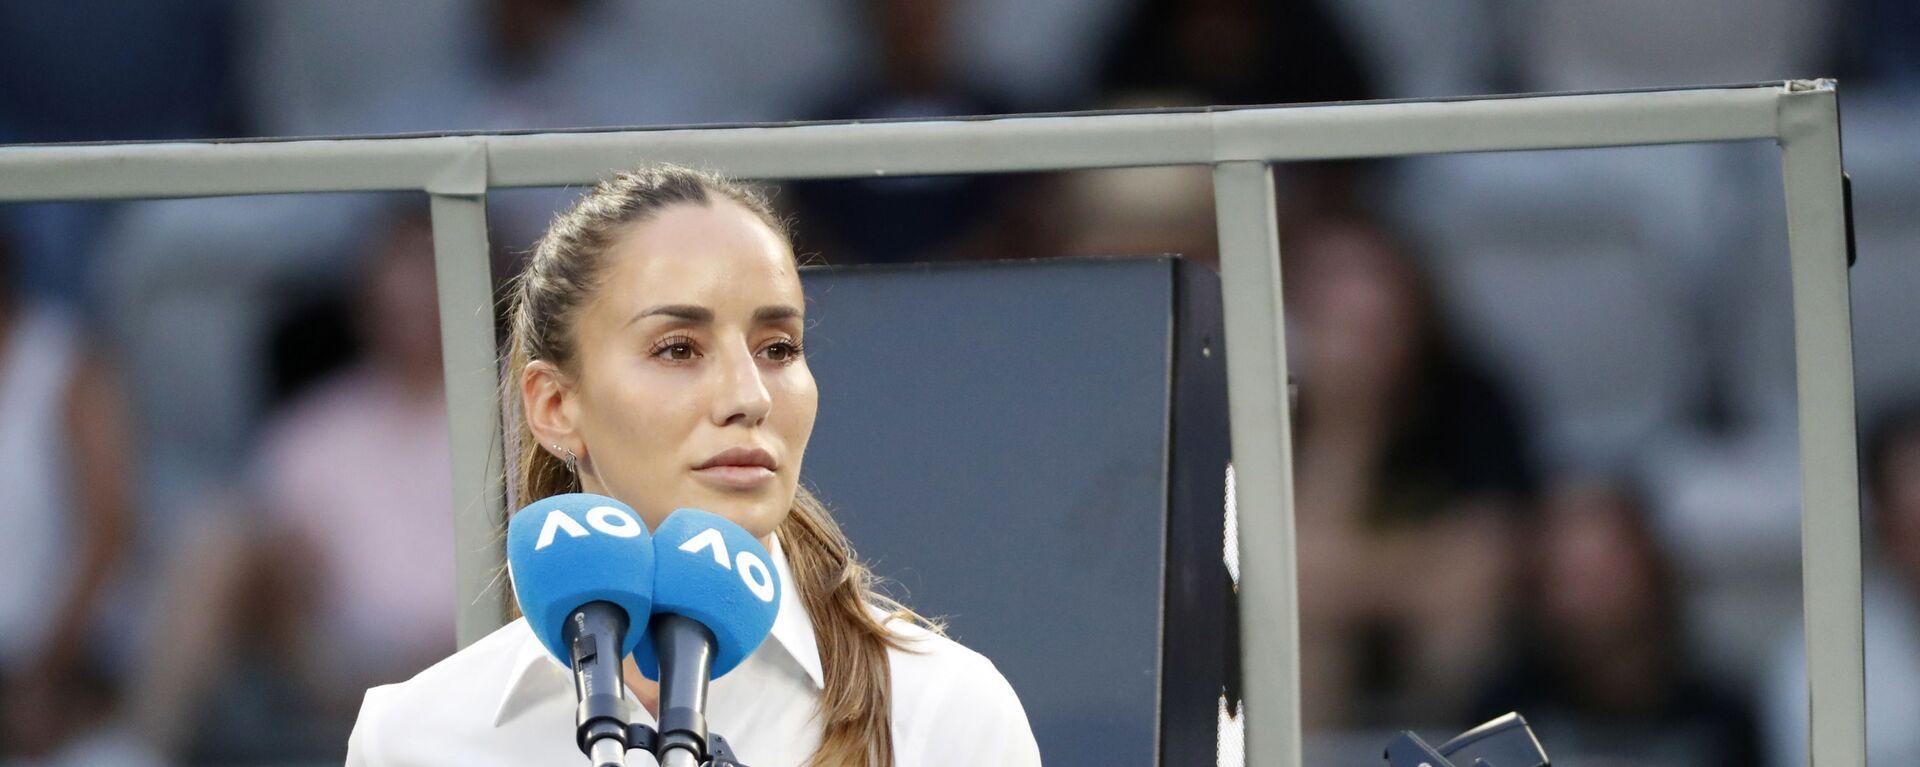 Маријана Вељовић, српски тениски судија - Sputnik Србија, 1920, 25.02.2021